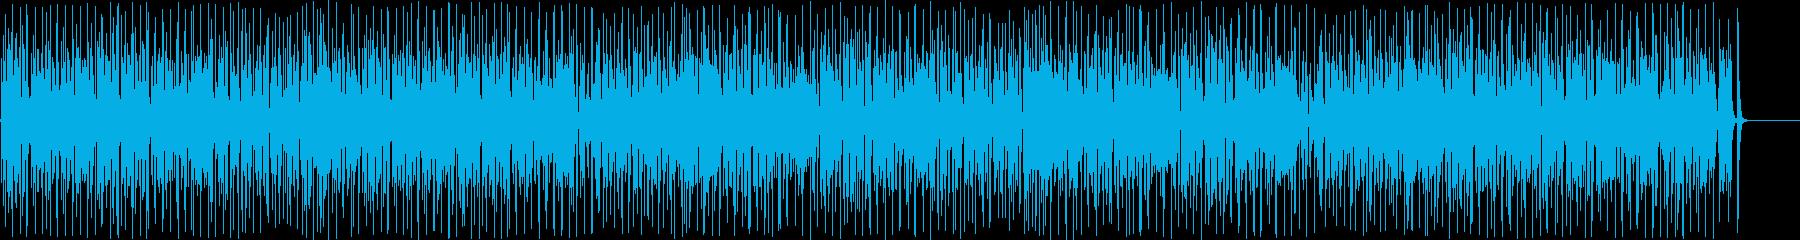 陽気で洗練されたジプシージャズの再生済みの波形